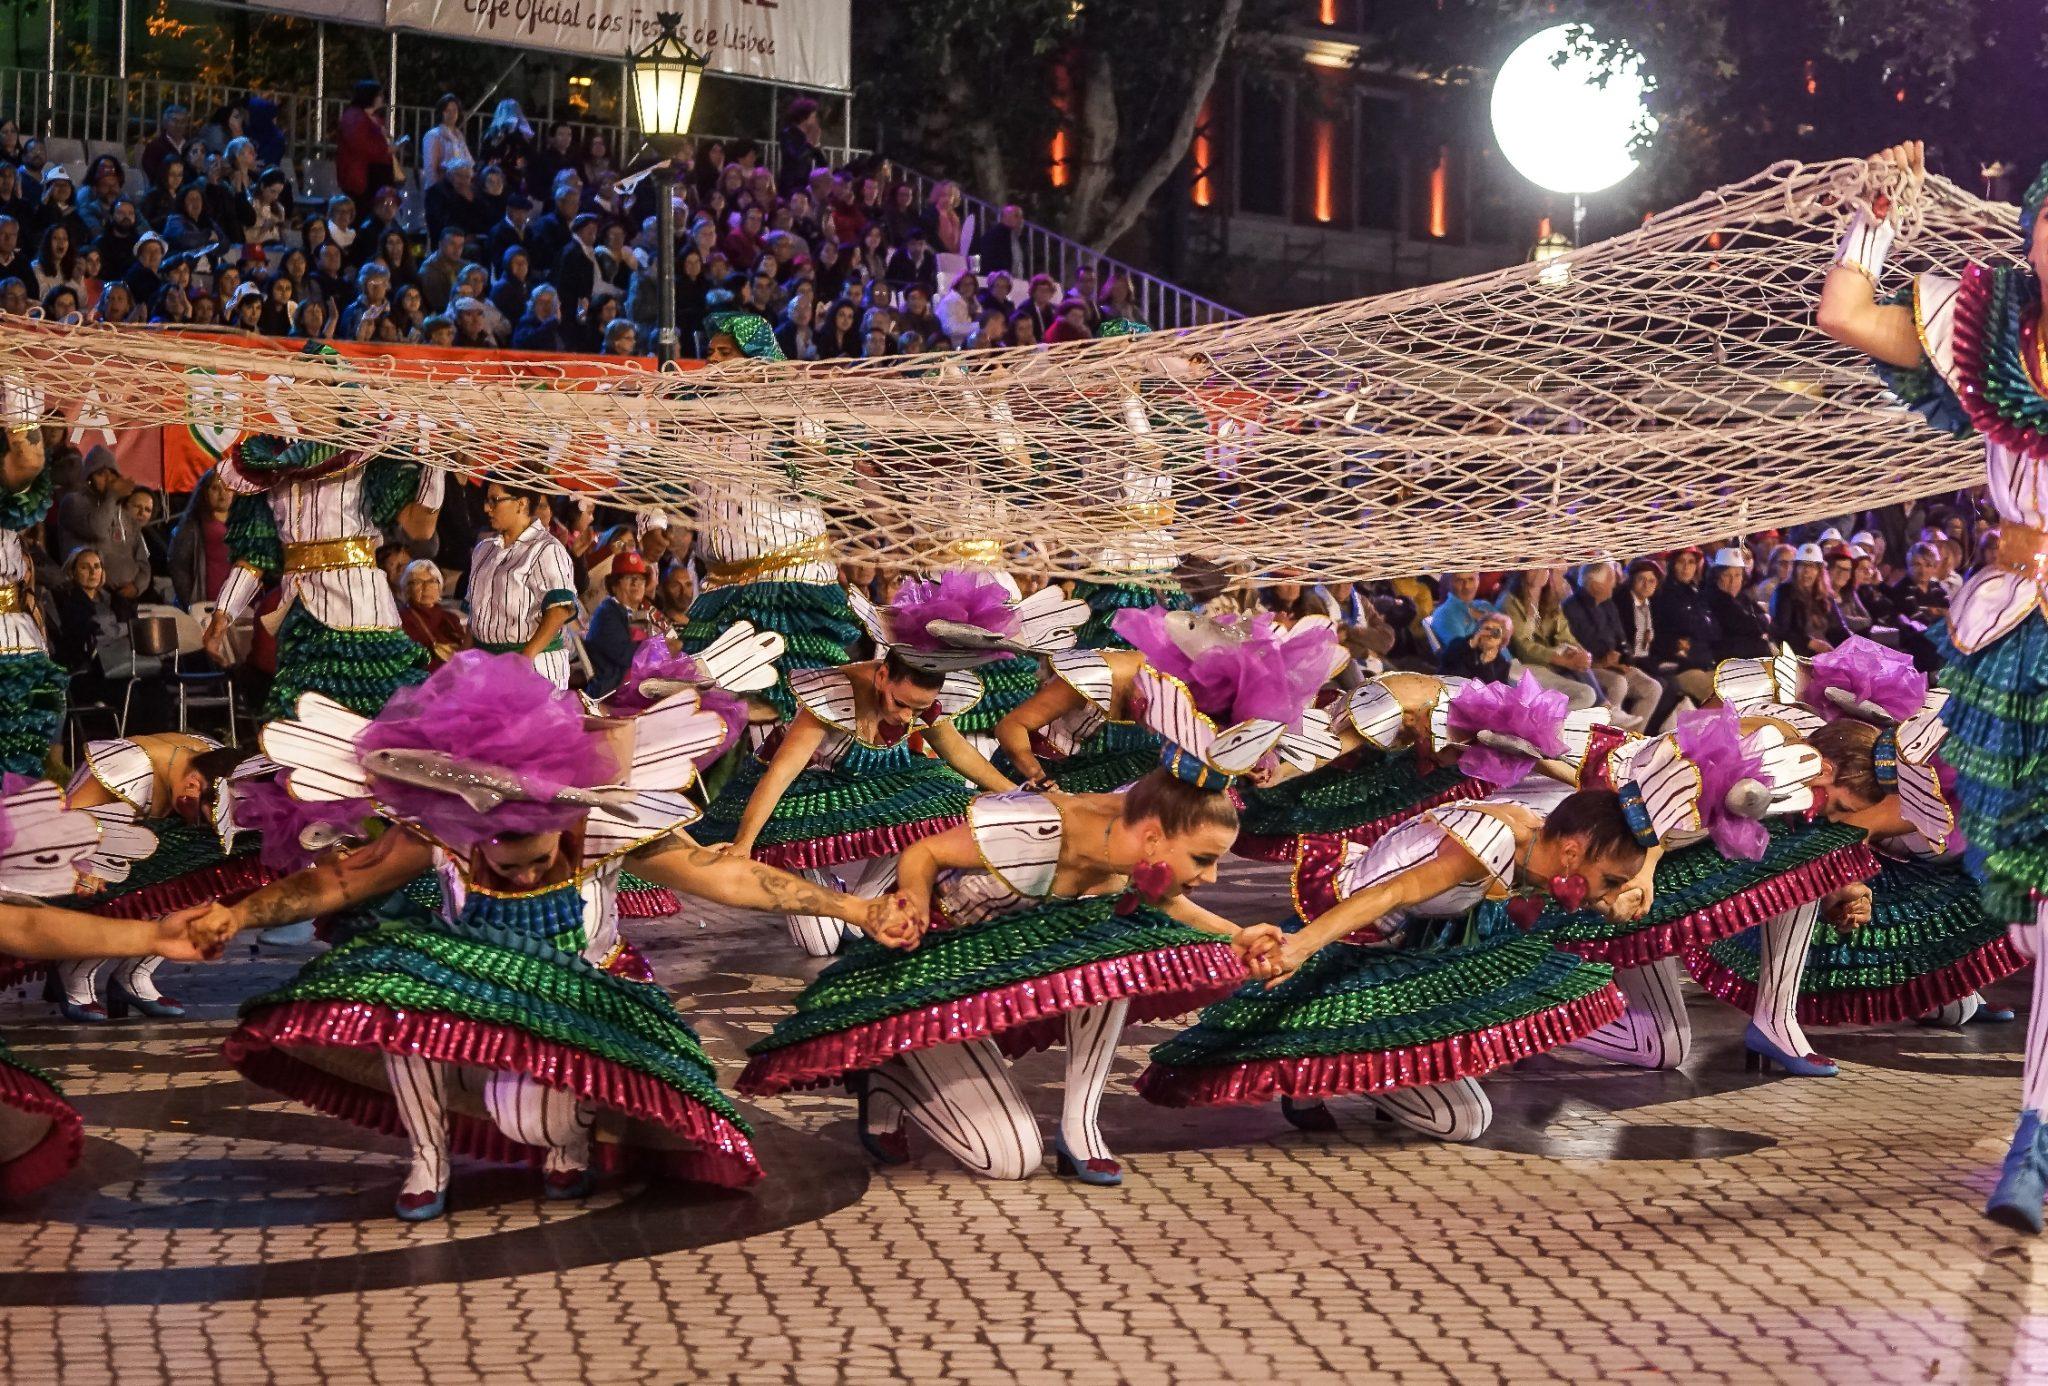 Sob uma rede de pesca de grandes dimensões, várias mulheres vestidas em tons de rosa e verde agacham-se. Em segundo plano, uma bancada com espetadores.